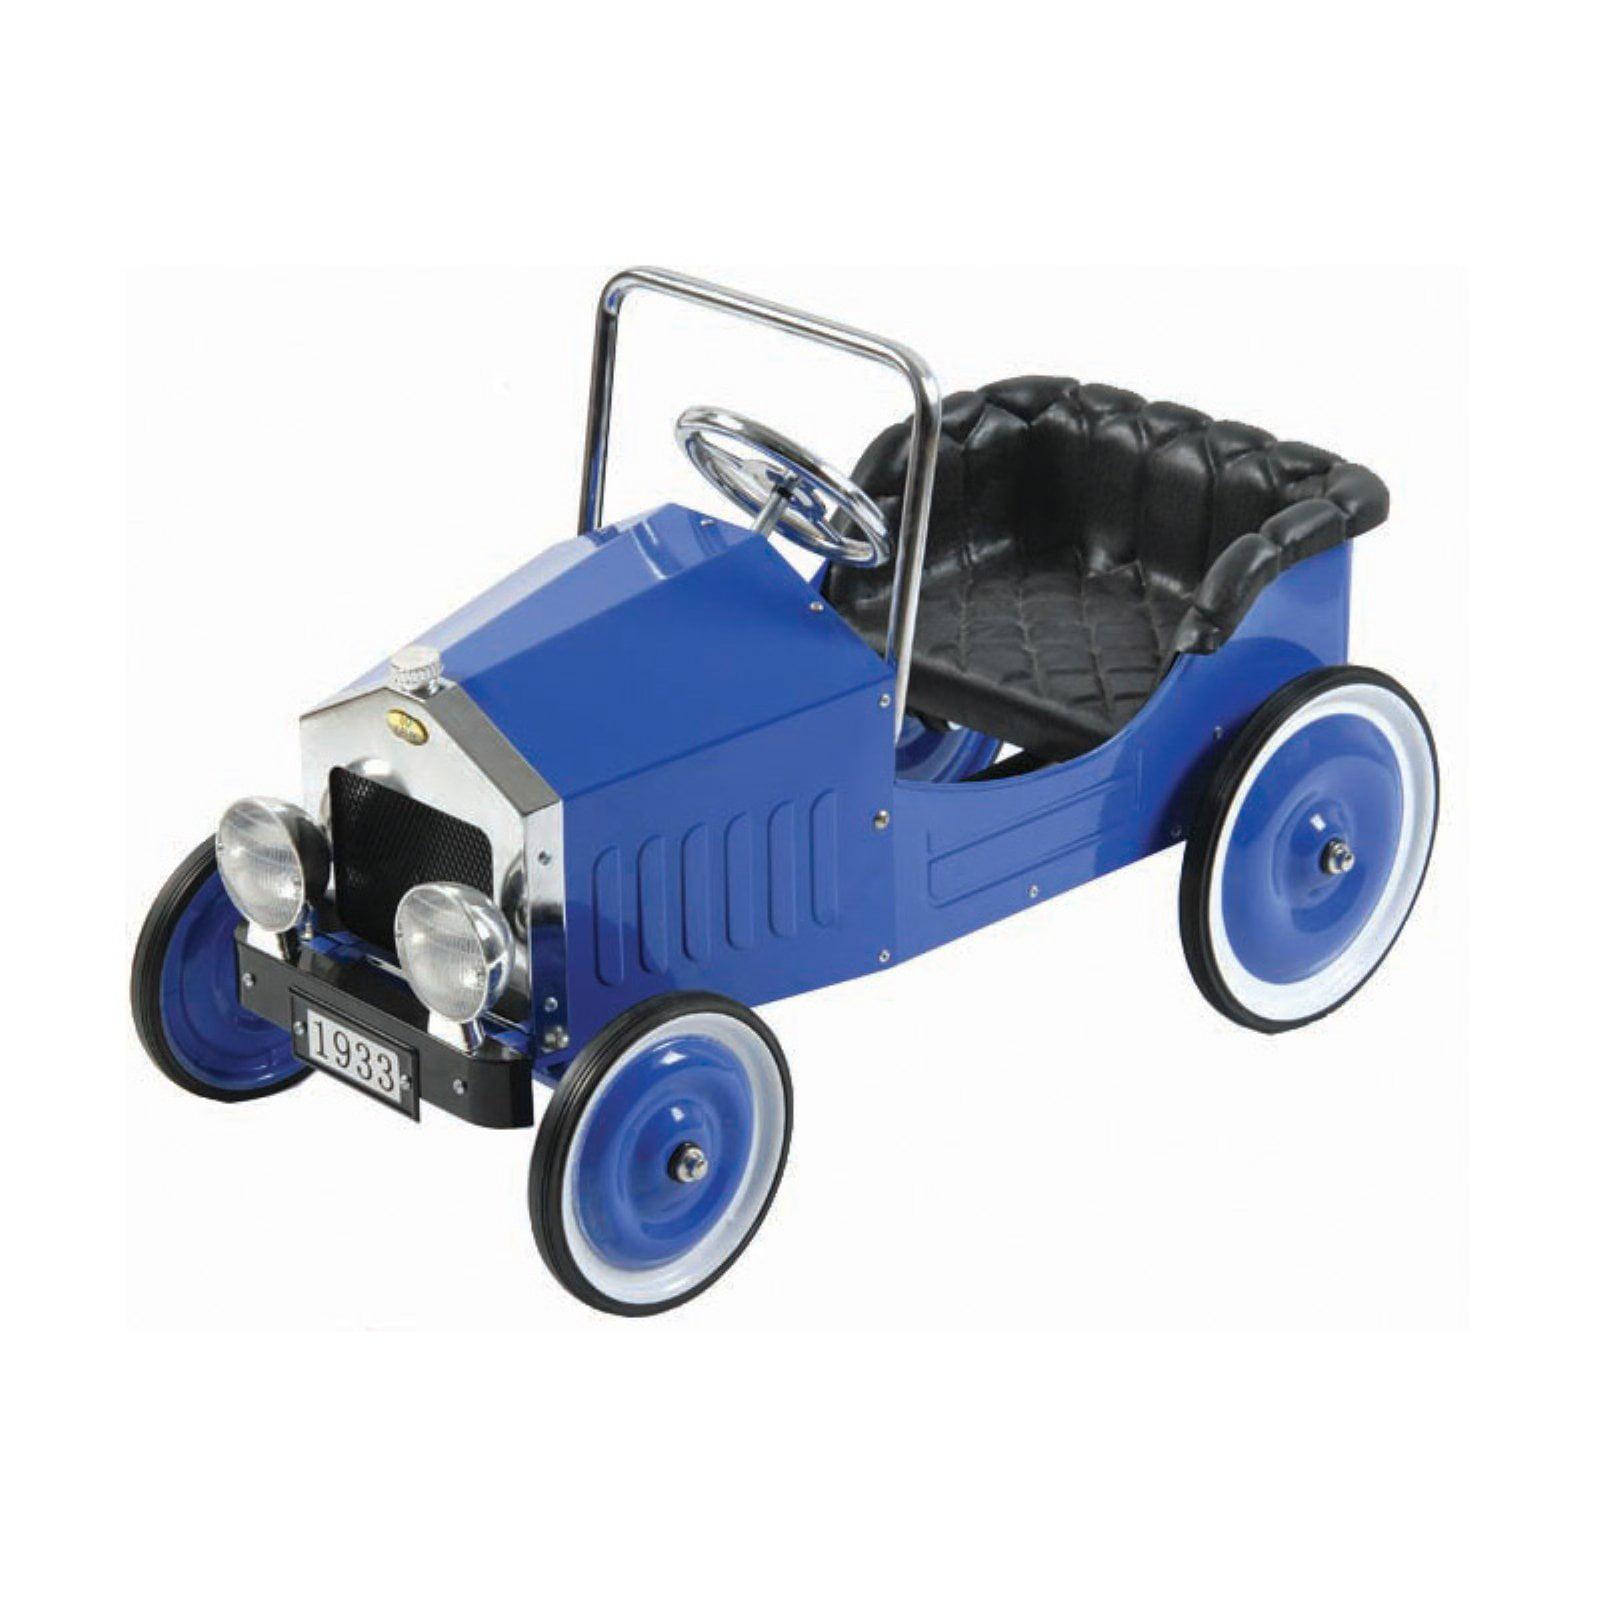 Blue Voiture Pedal Car by Dexton Kids